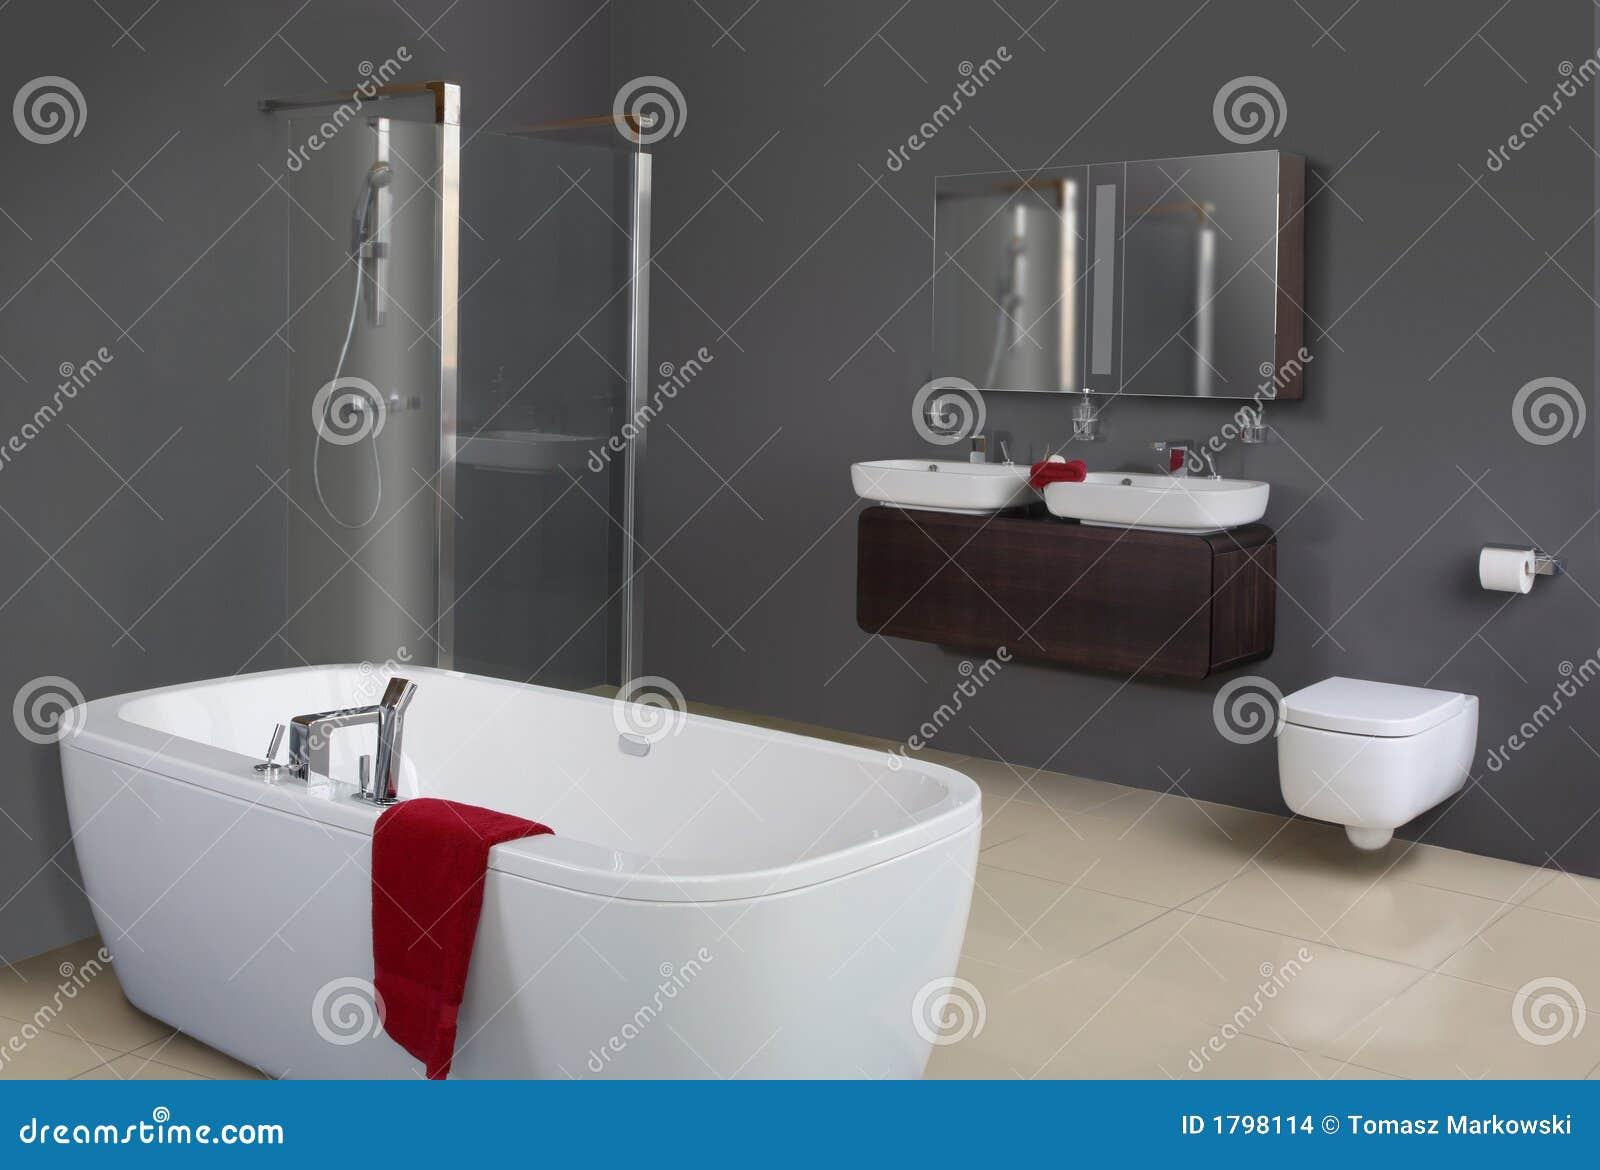 Bathroom grey modern